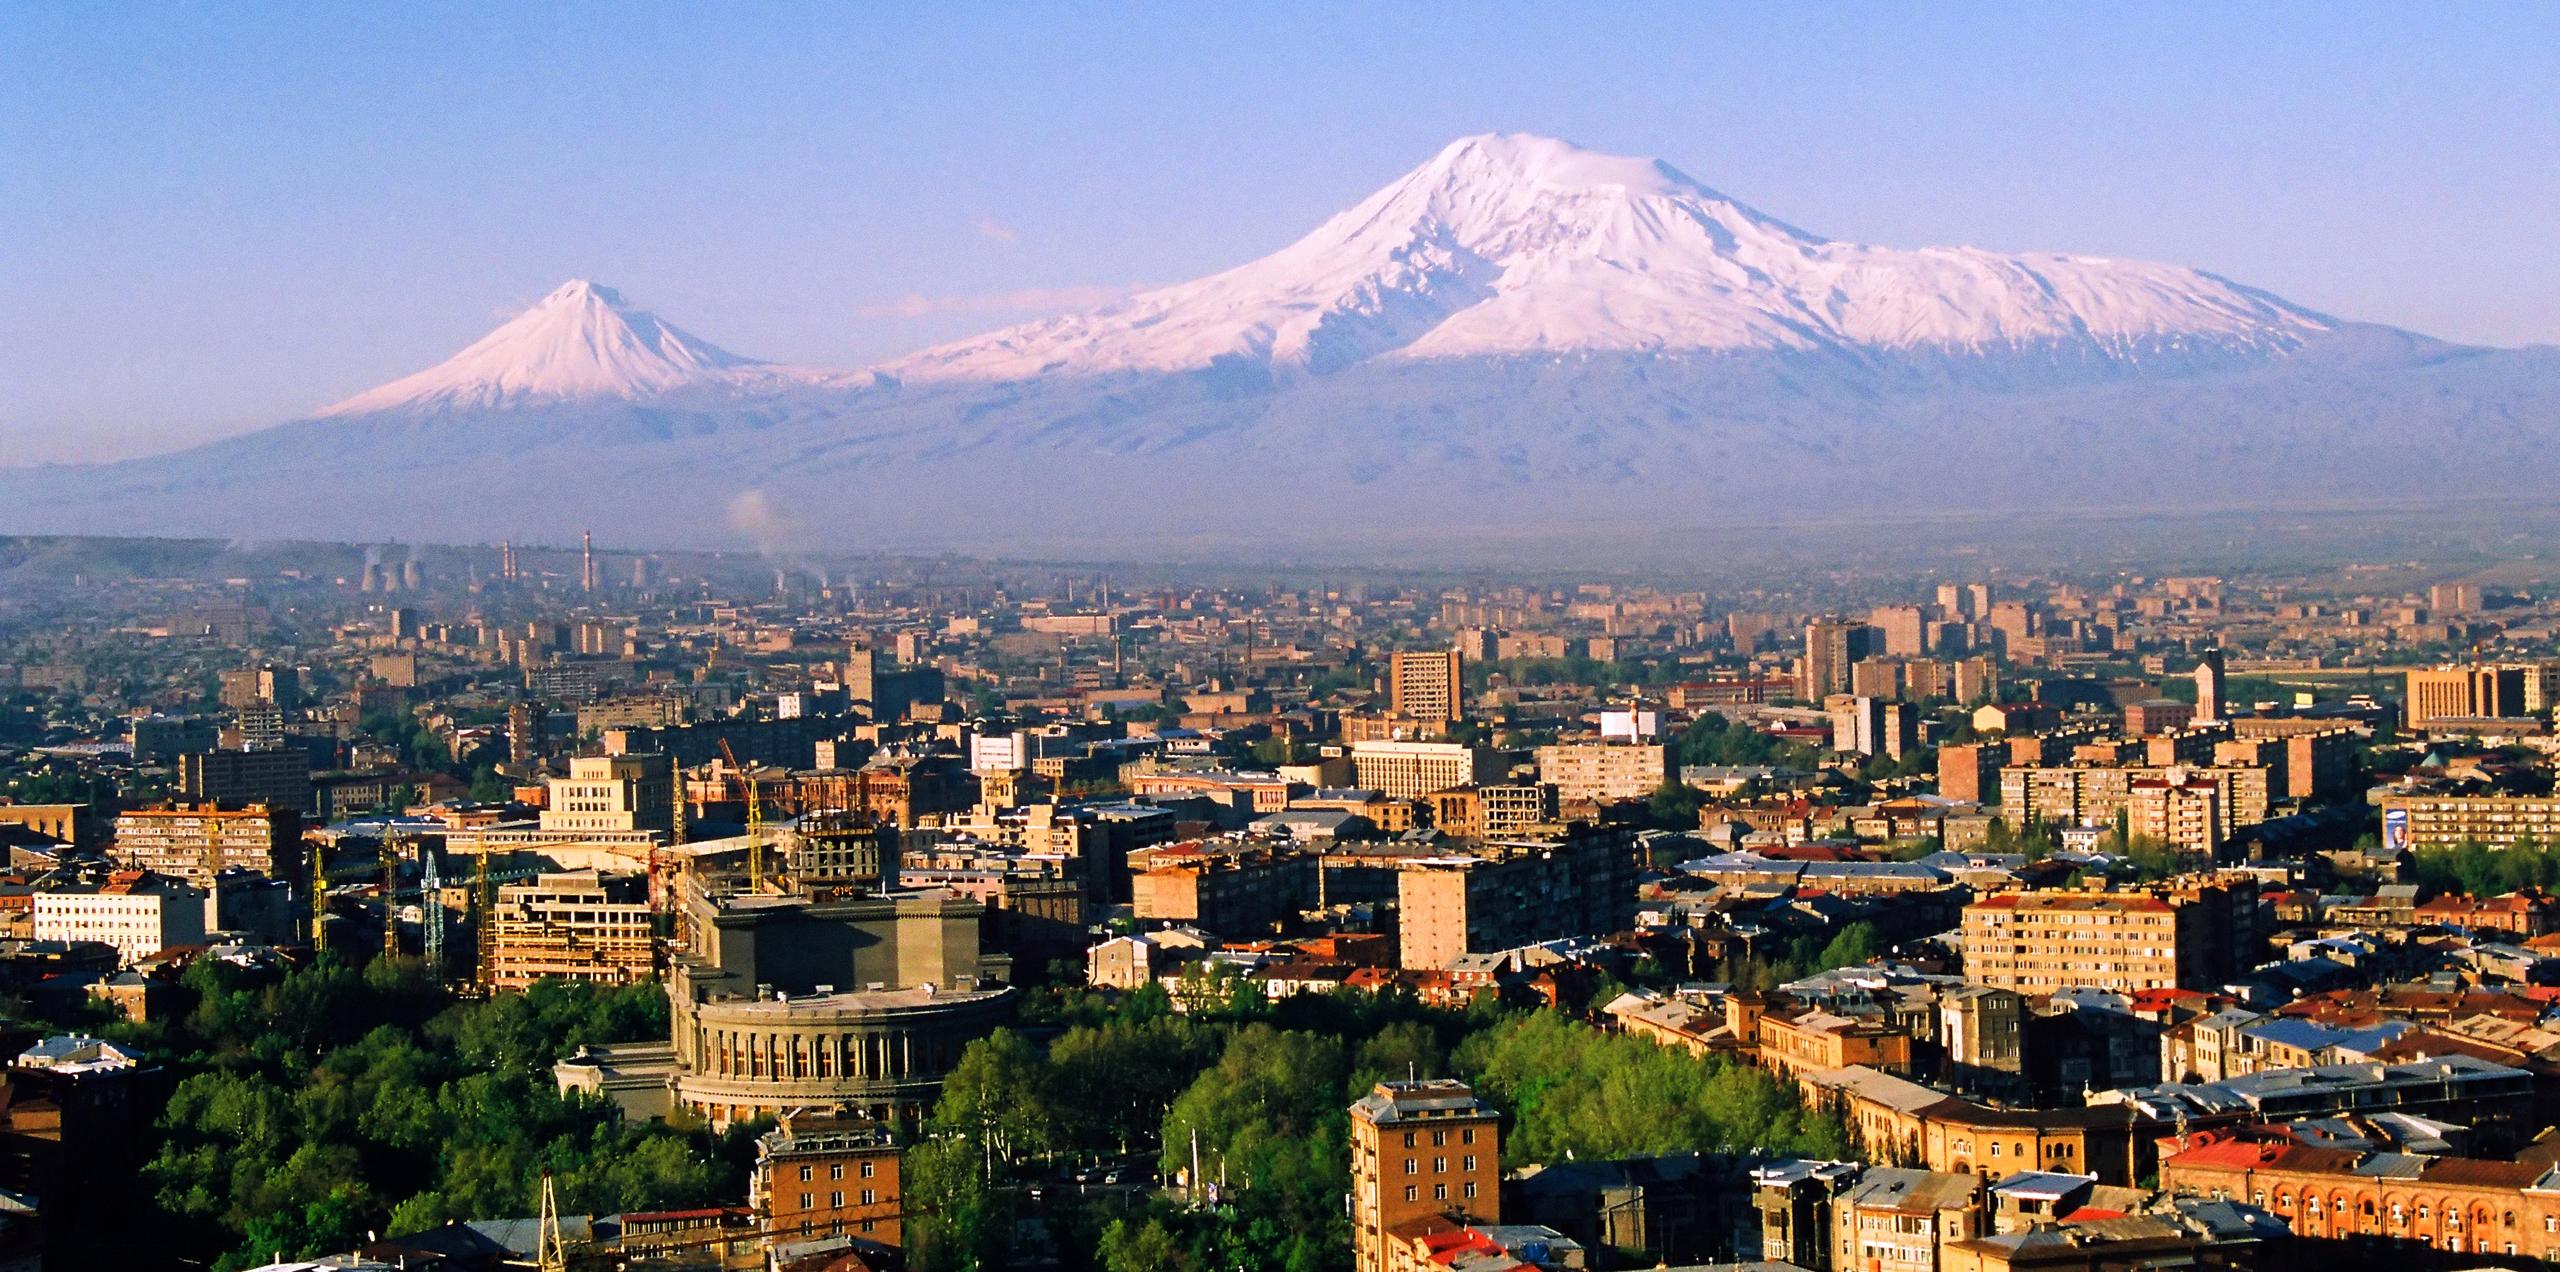 Explora los rincones más auténticos de Ereván - Armenia Circuito Armenia, la leyenda de Noé